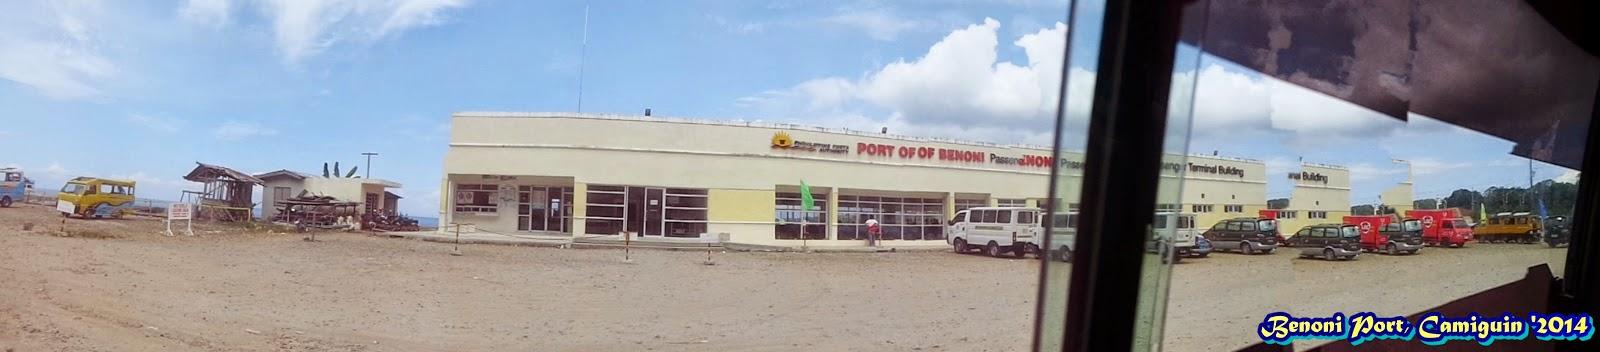 Benoni Port,Camiguin